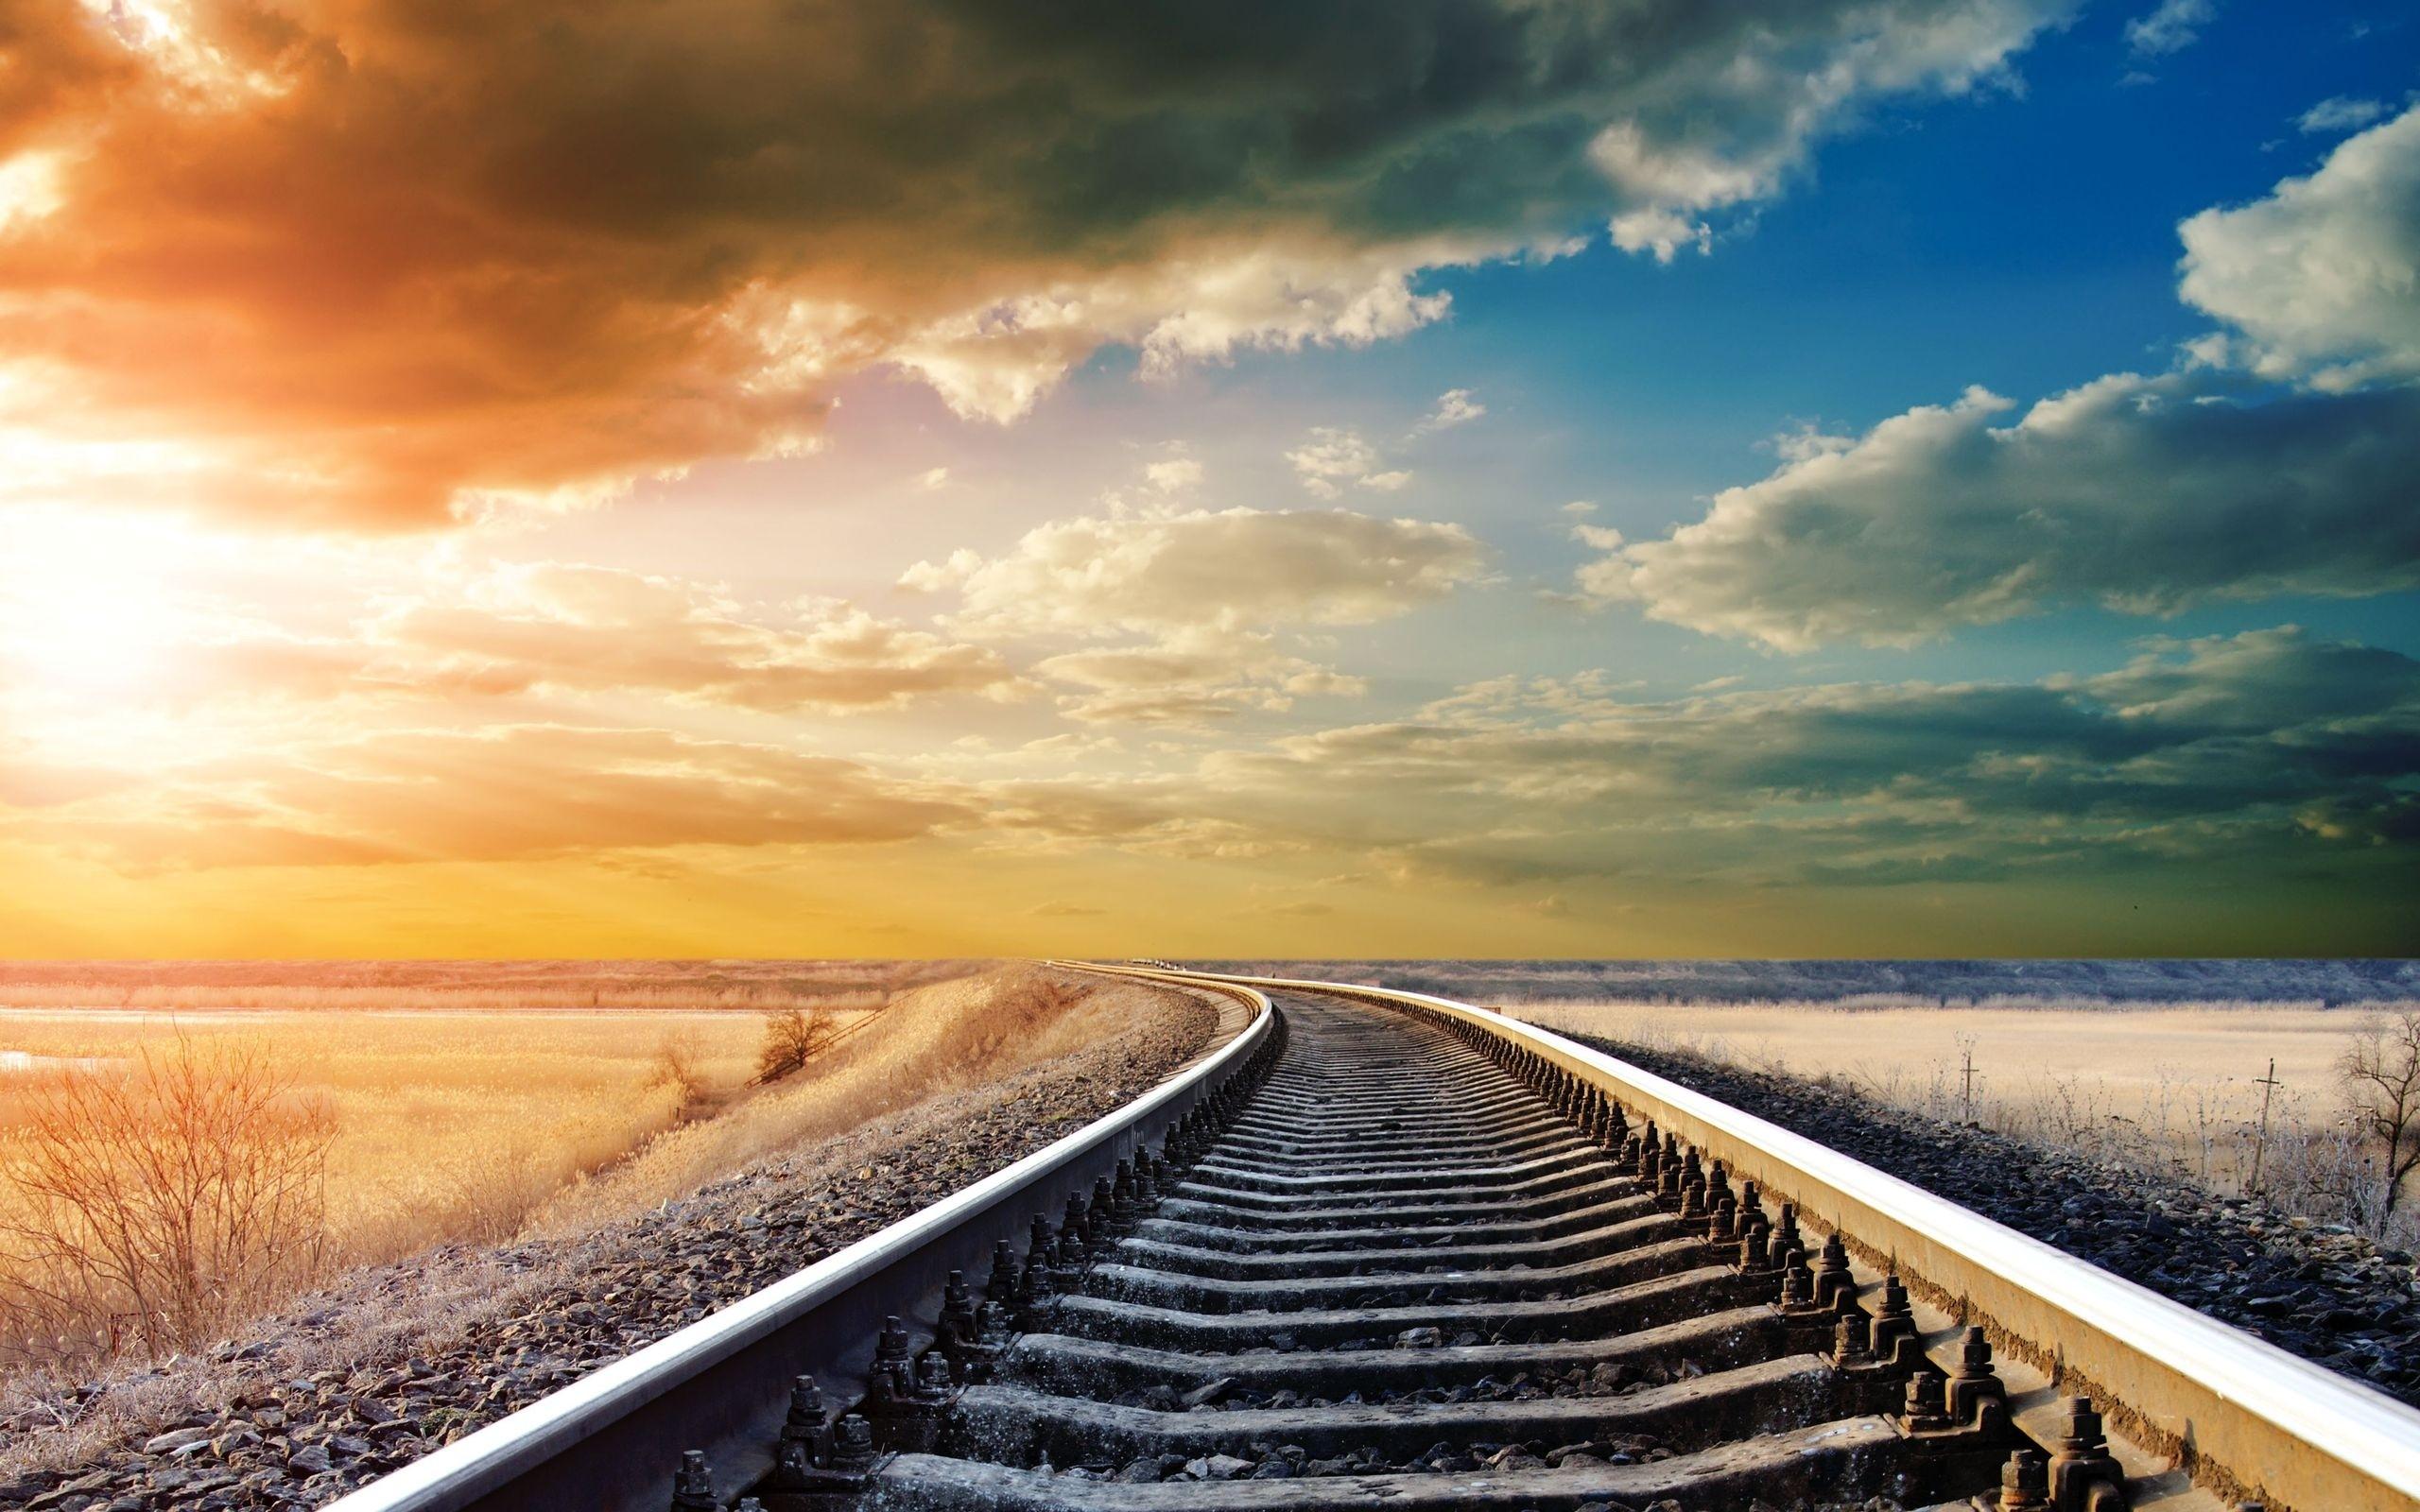 Fondos Vías de ferrocarril (Railroad Tracks) ADNFriki (10)